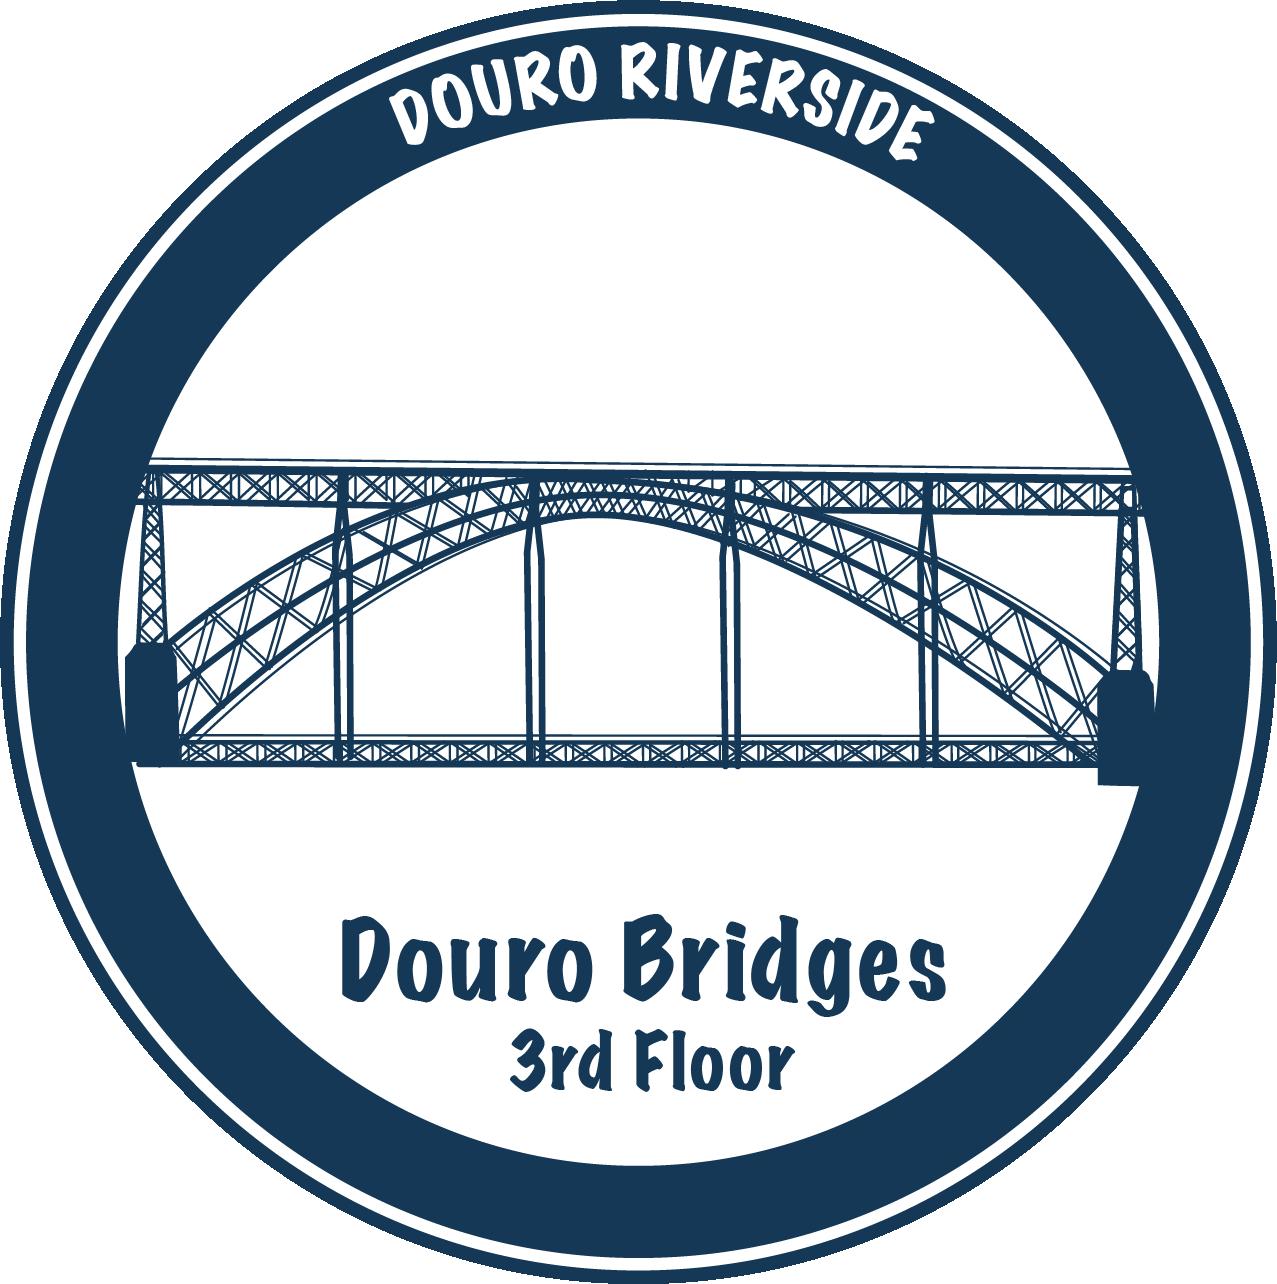 Douro Riverside - Douro Bridges (3rd Floor)